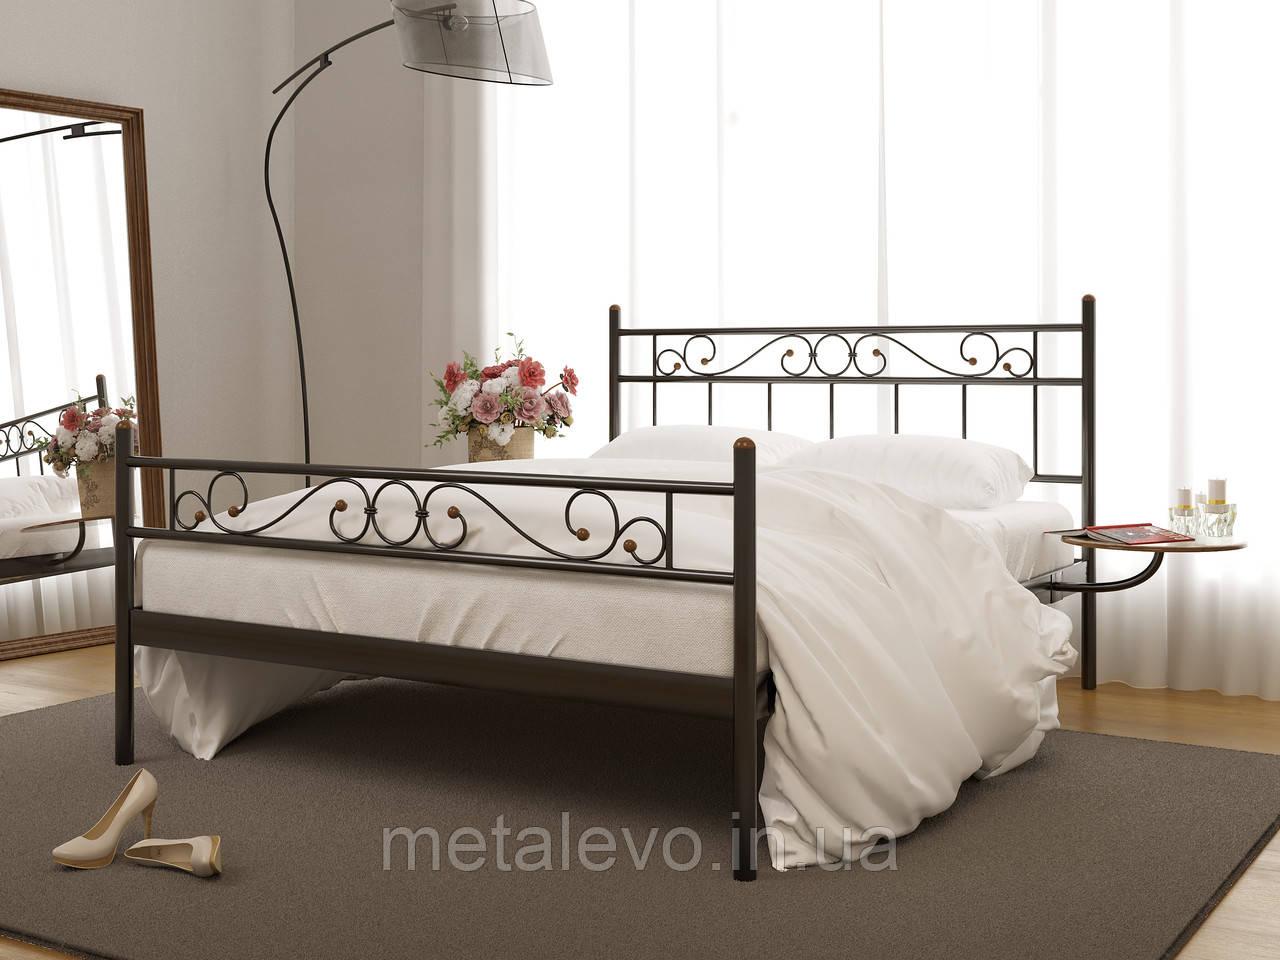 Металлическая кровать с изножьем ЭСМЕРАЛЬДА -2